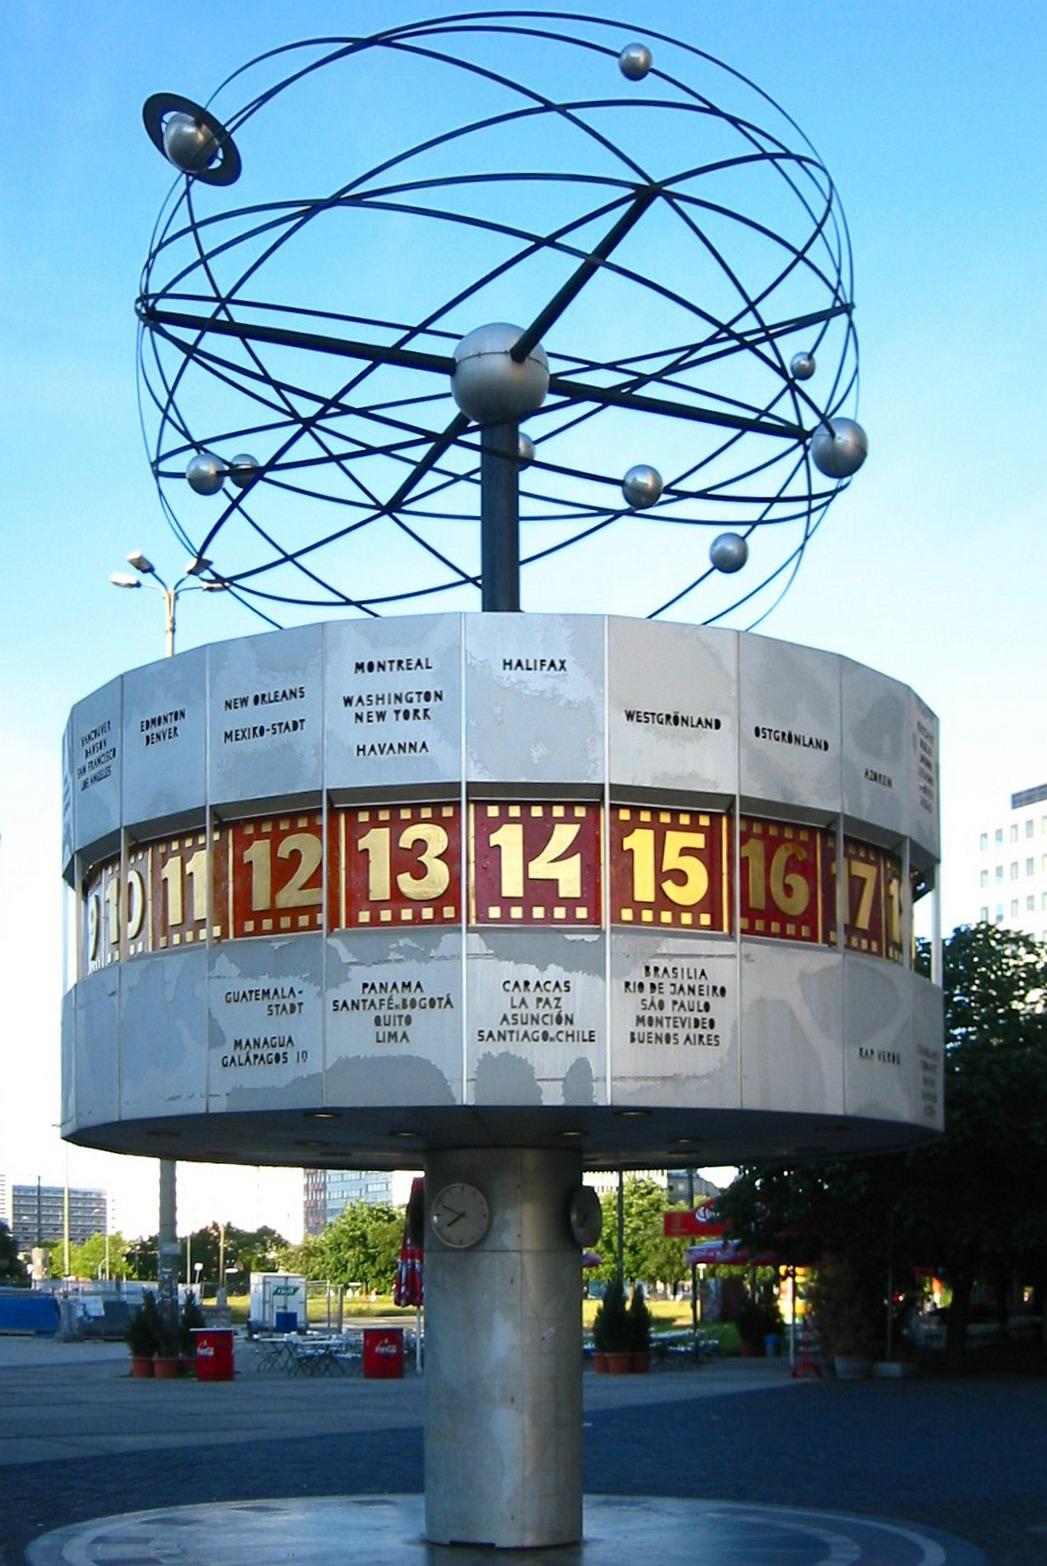 Хотя я думаю продажная цена в берлине ниже, с другой стороны - на дорогие часы цены